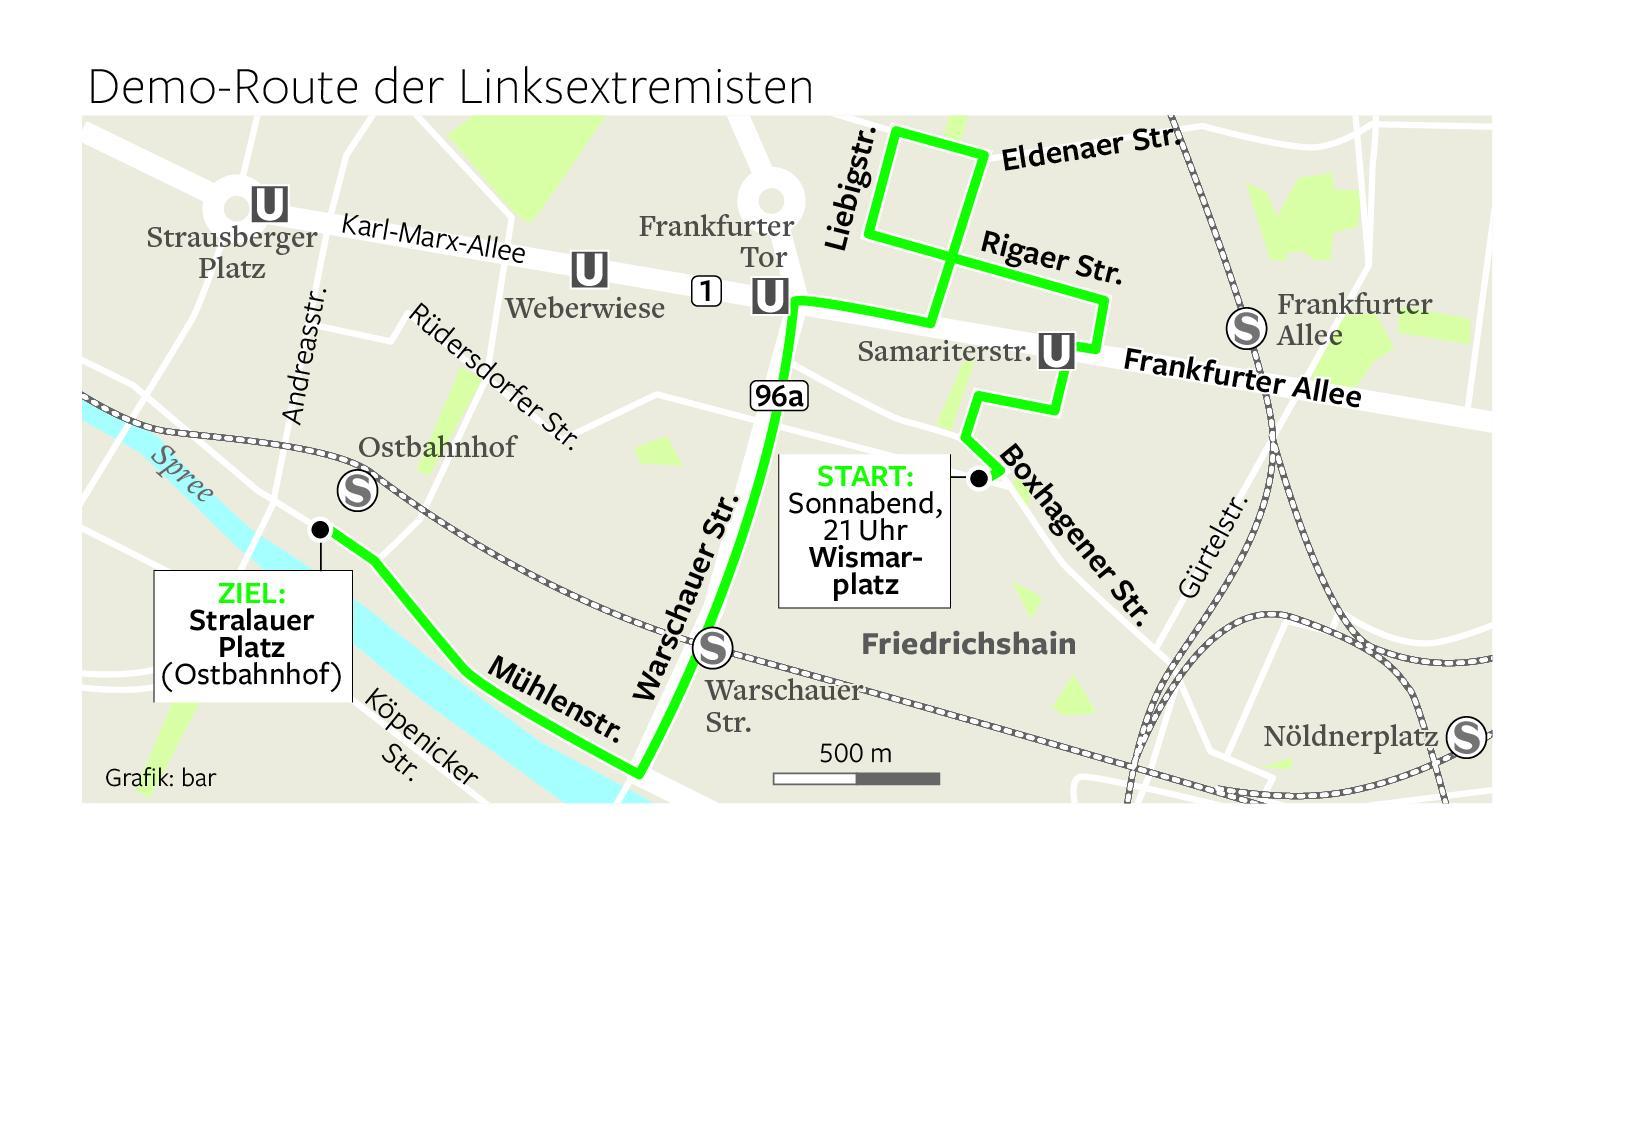 Demo-Route der Linksextremisten